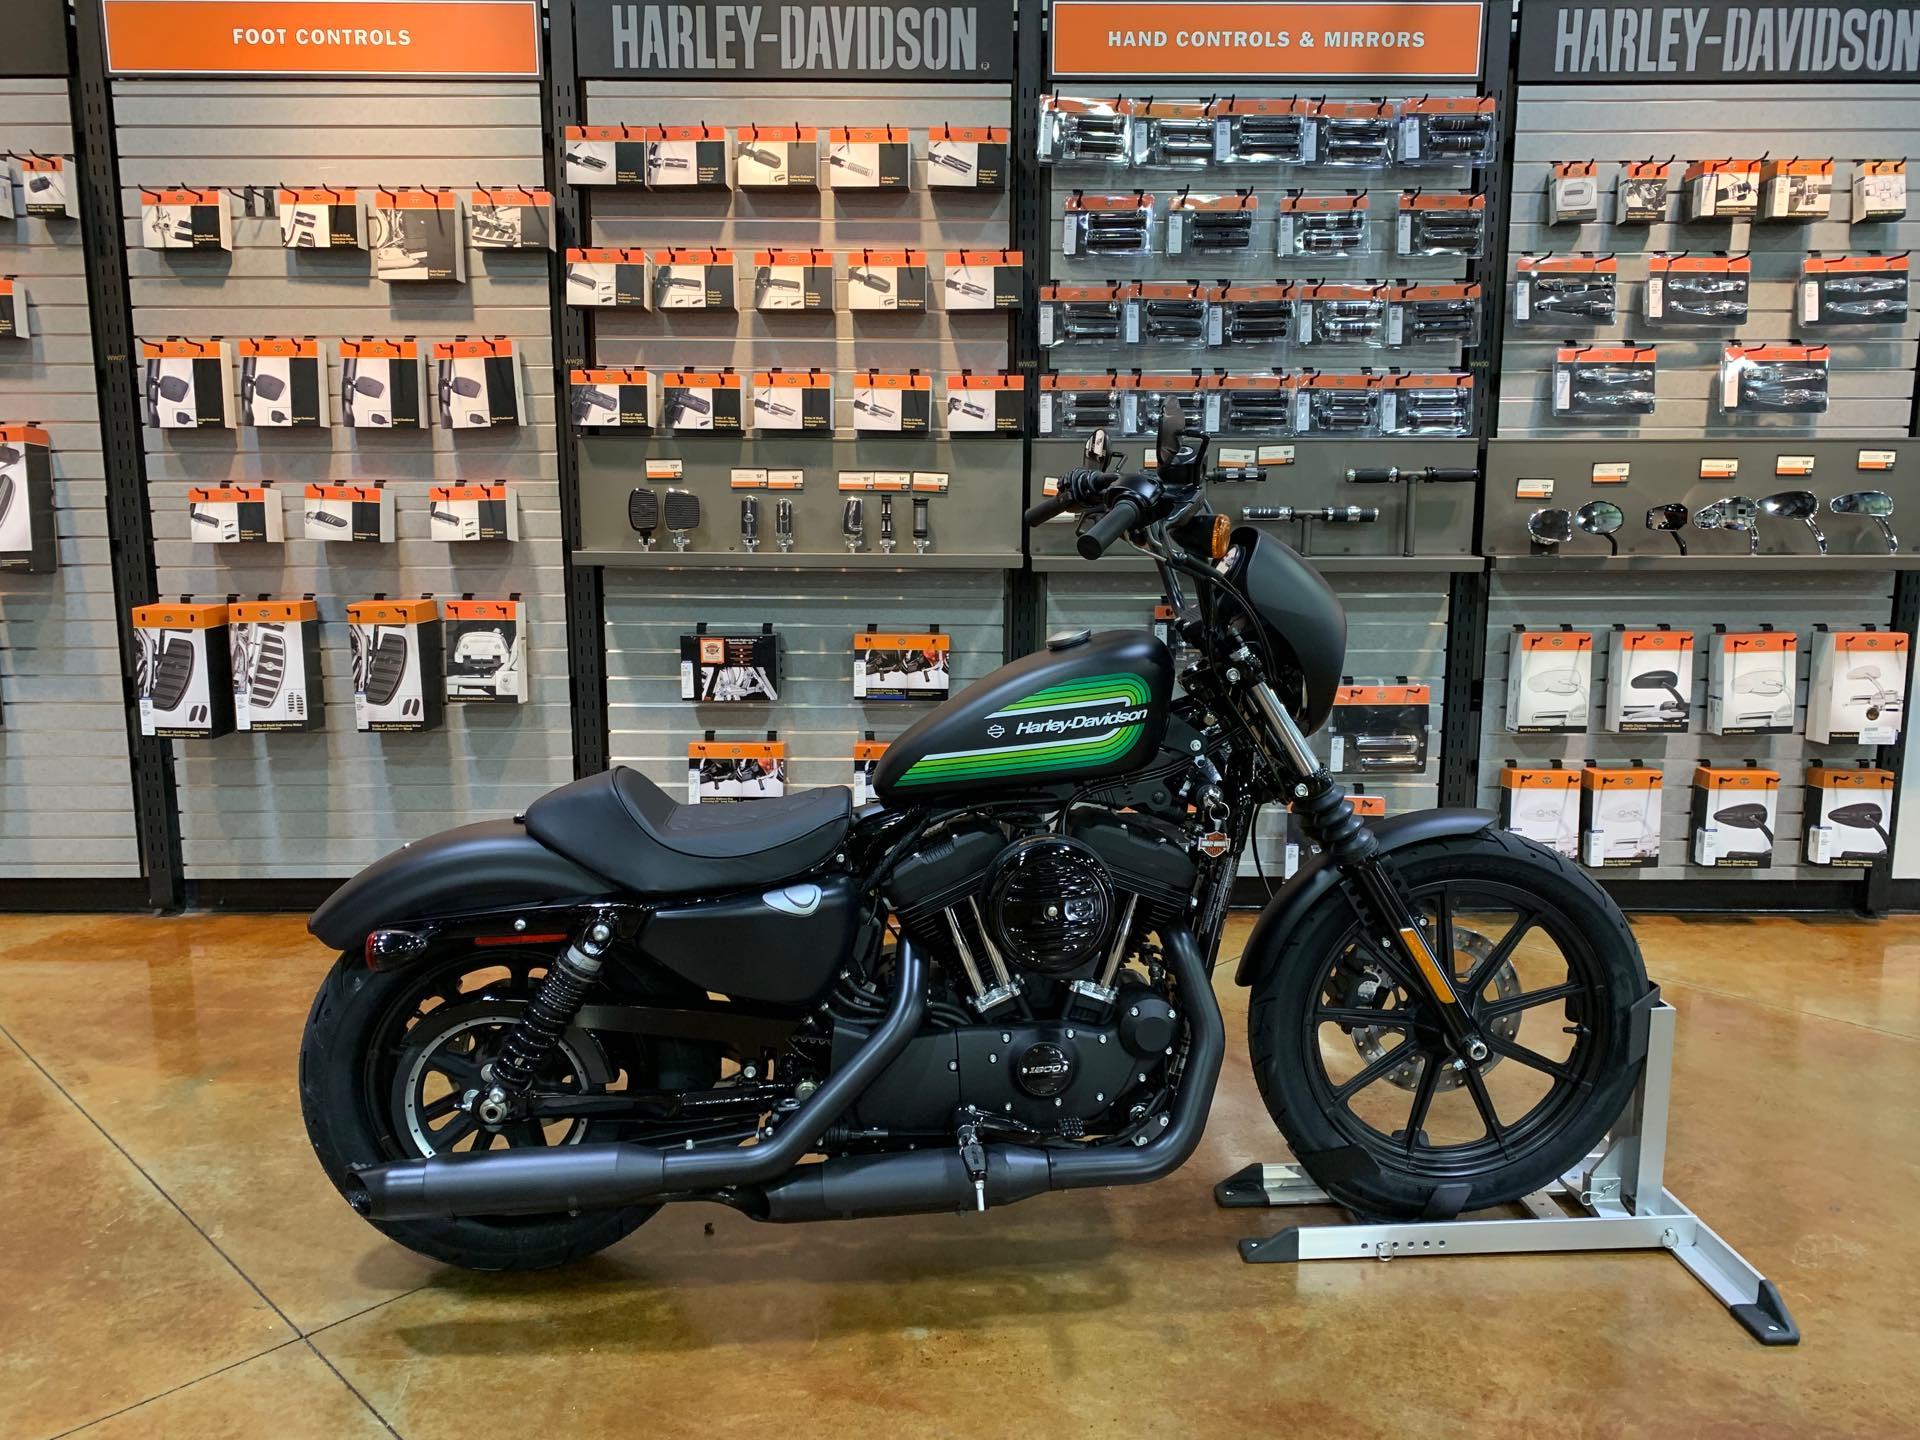 2021 Harley-Davidson Cruiser XL 1200NS Iron 1200 at Colonial Harley-Davidson